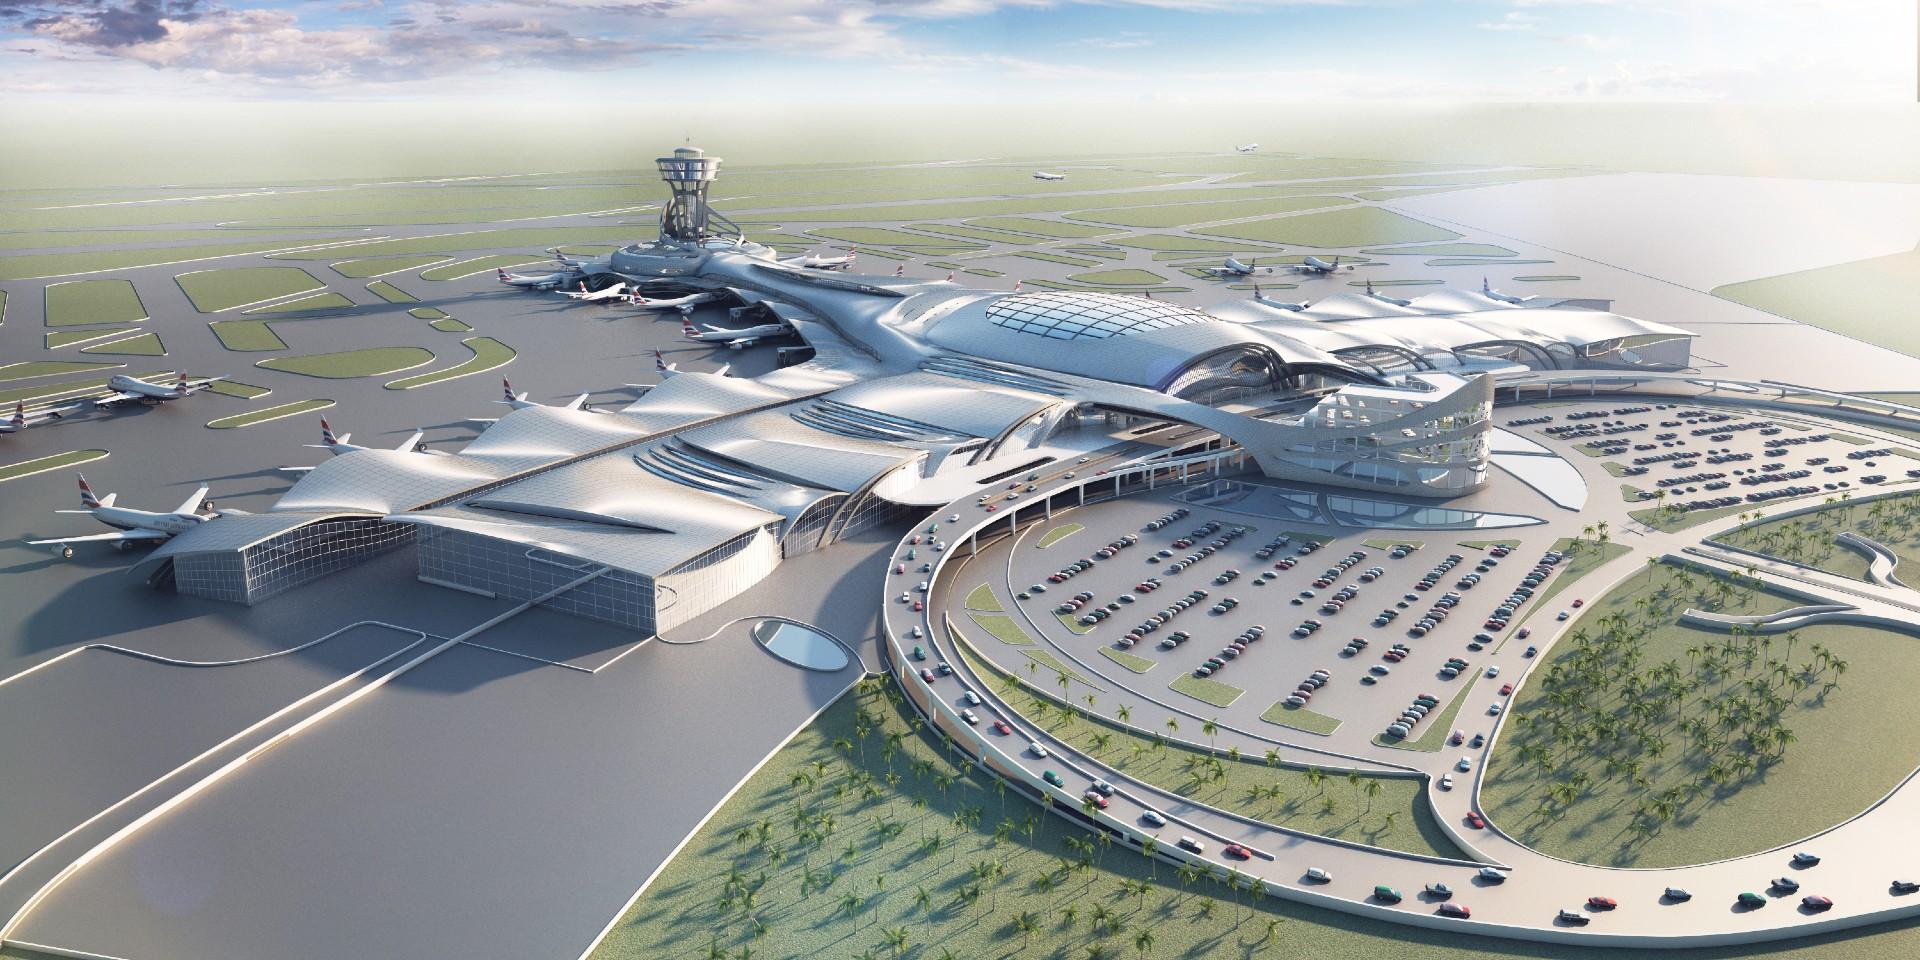 AlumForum-онлайн «Алюминий в транспортной инфраструктуре. Аэропорты и ТПУ»